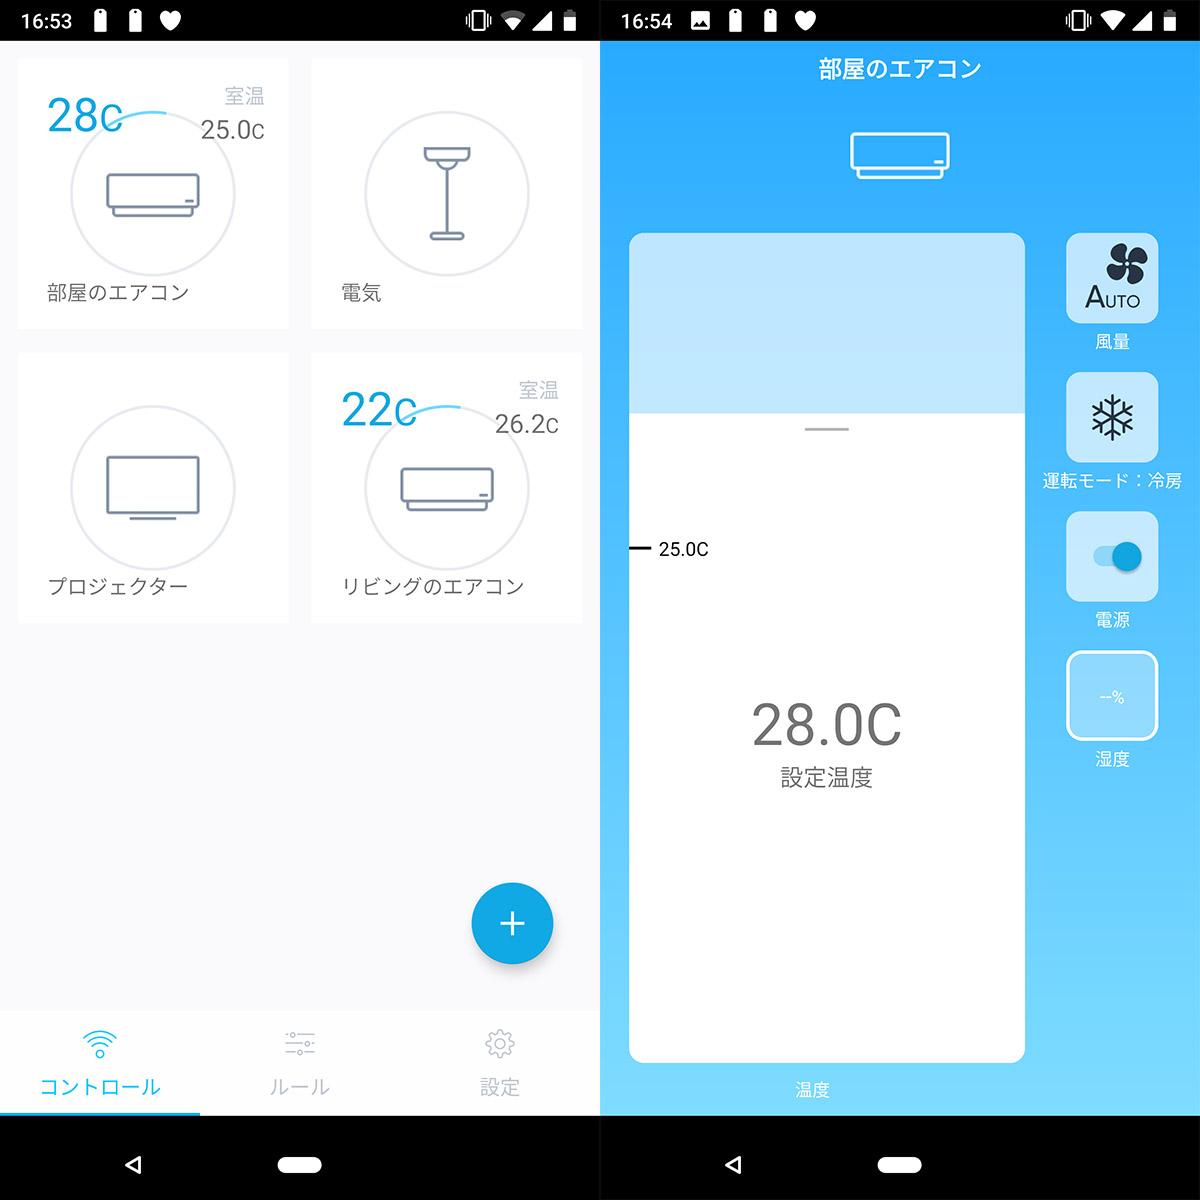 小さくなったnature remo miniは6月下旬発売 アプリもリニューアルで